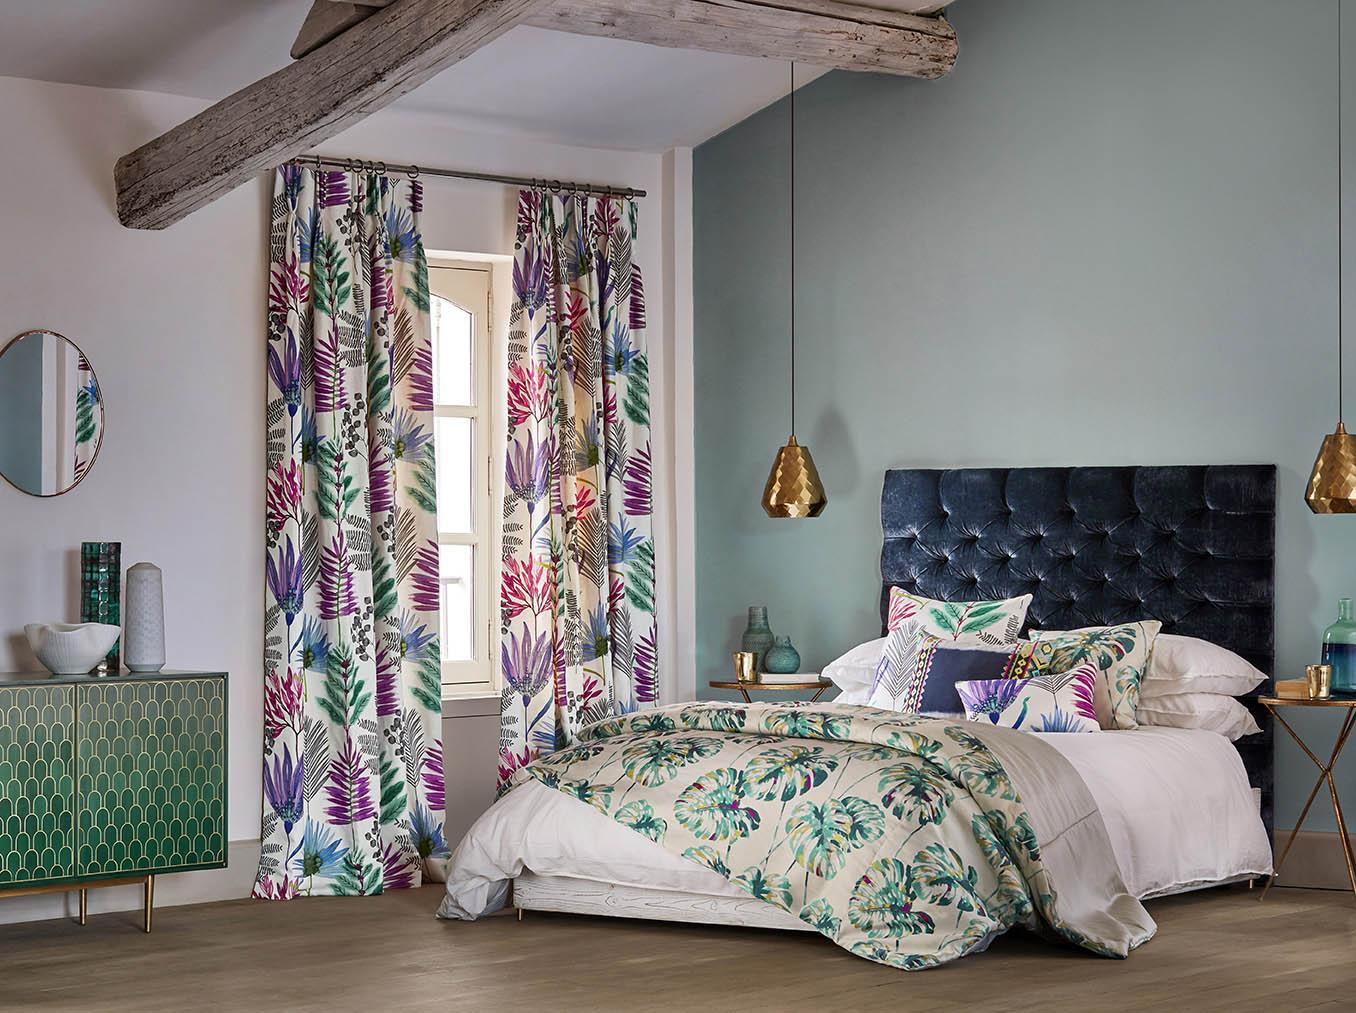 Nowa kolekcja tkanin i tapet - ZAPARA (Harlequin) - dostępna w naszych showroomach